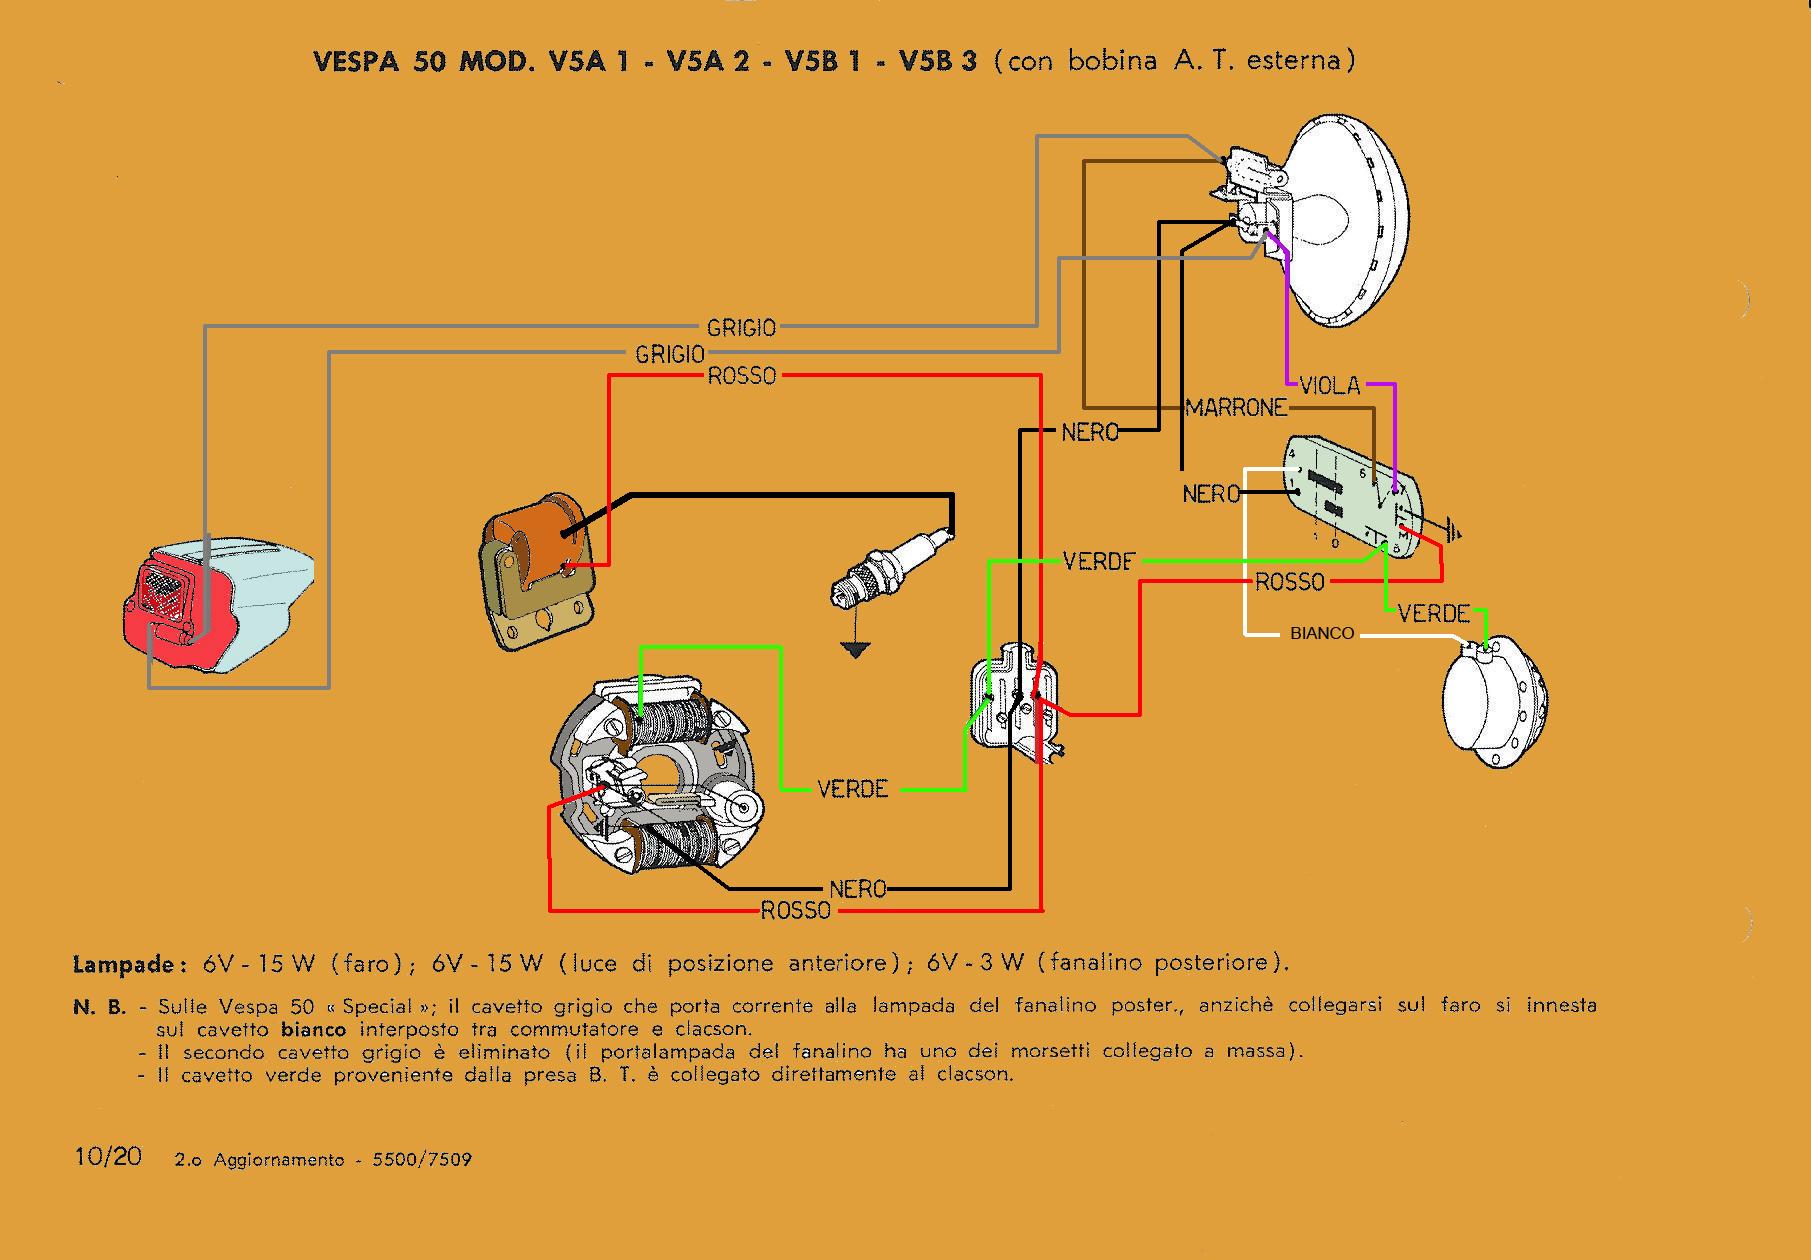 Schema Elettrico Hm Cre 50 : Schema elettrico vespa vsa v b